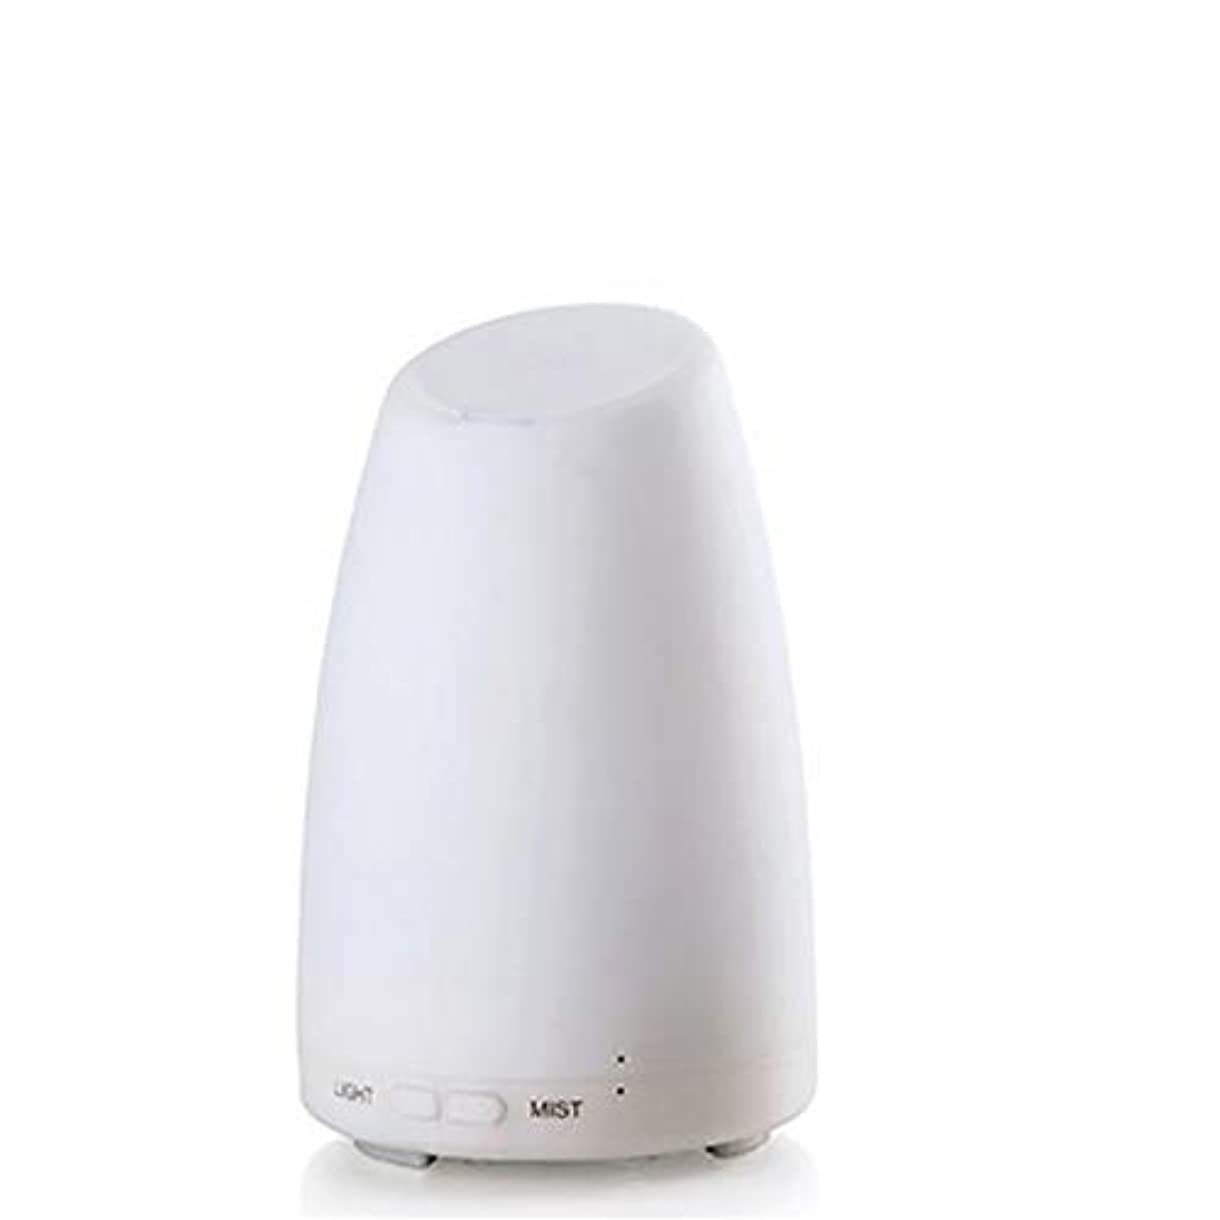 動物園生き残ります蓮エッセンシャルオイルディフューザー、霧コントロール4h 使用、低水自動シャットダウン、7種類の LED ライト、家庭、オフィス、寝室、家族のベビールームとの超音波 100 ml アロマディフューザー